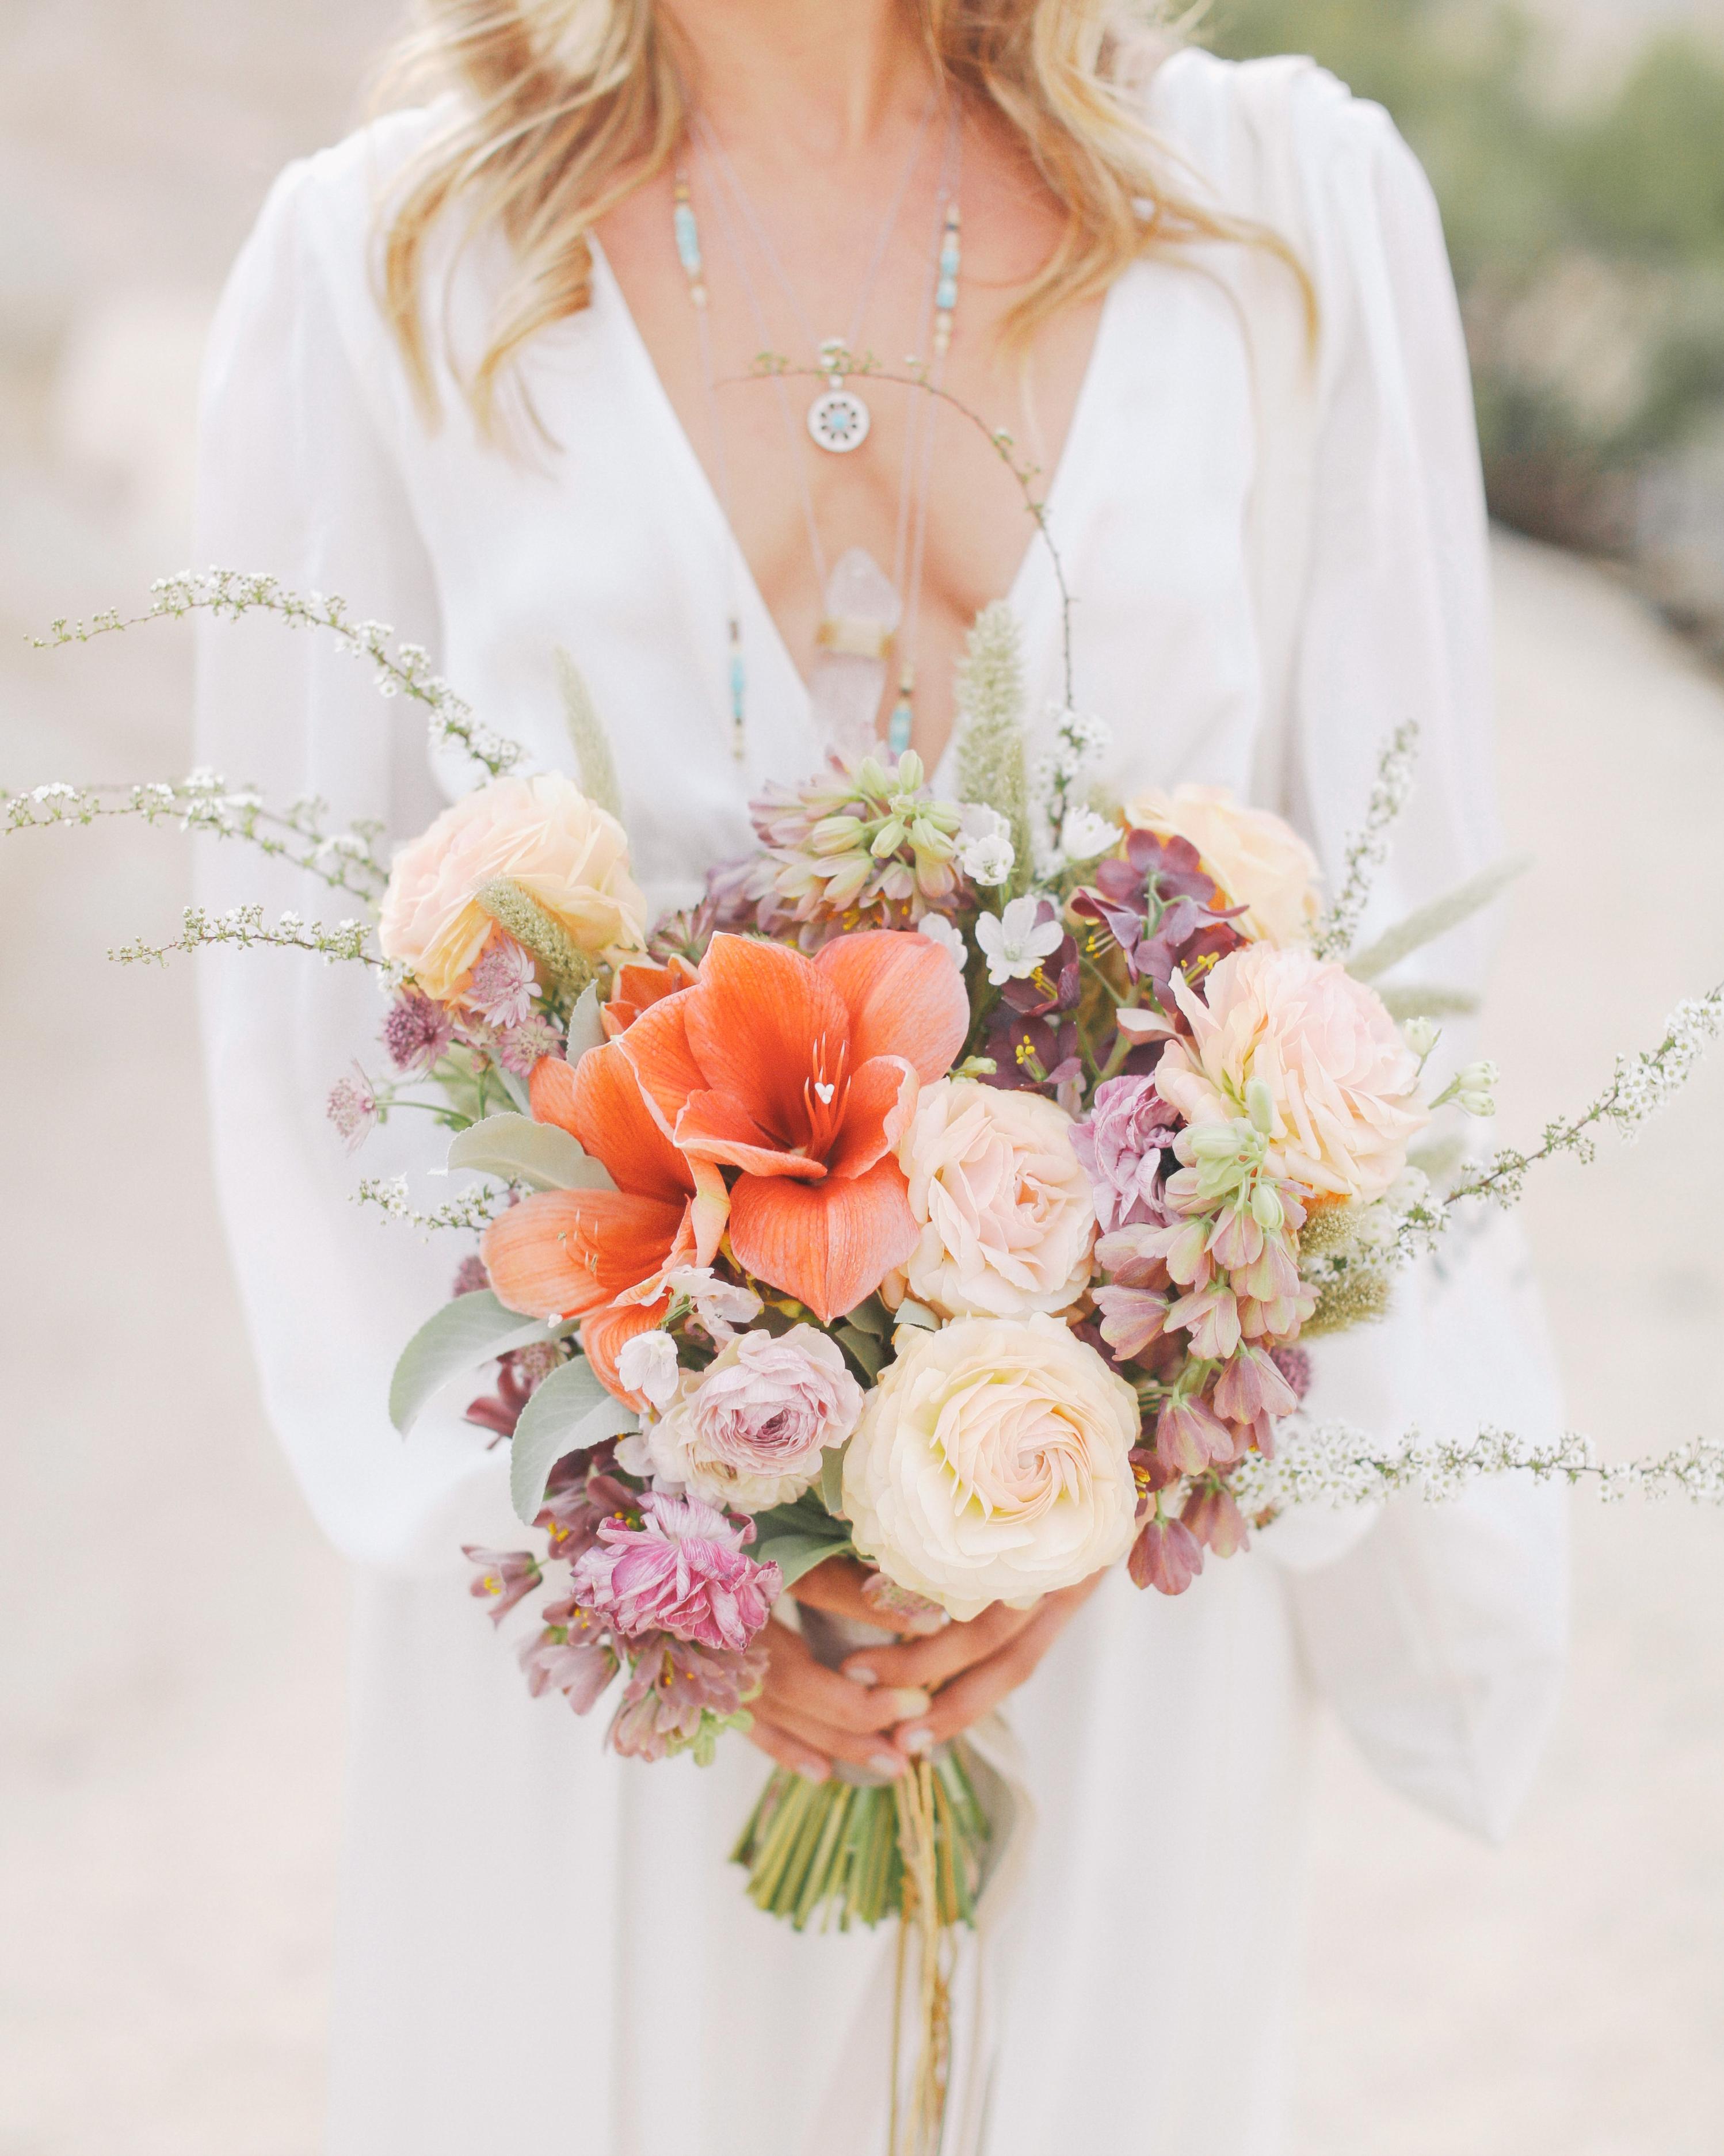 christen-billy-wedding-bouquet-011-s111597-1014.jpg